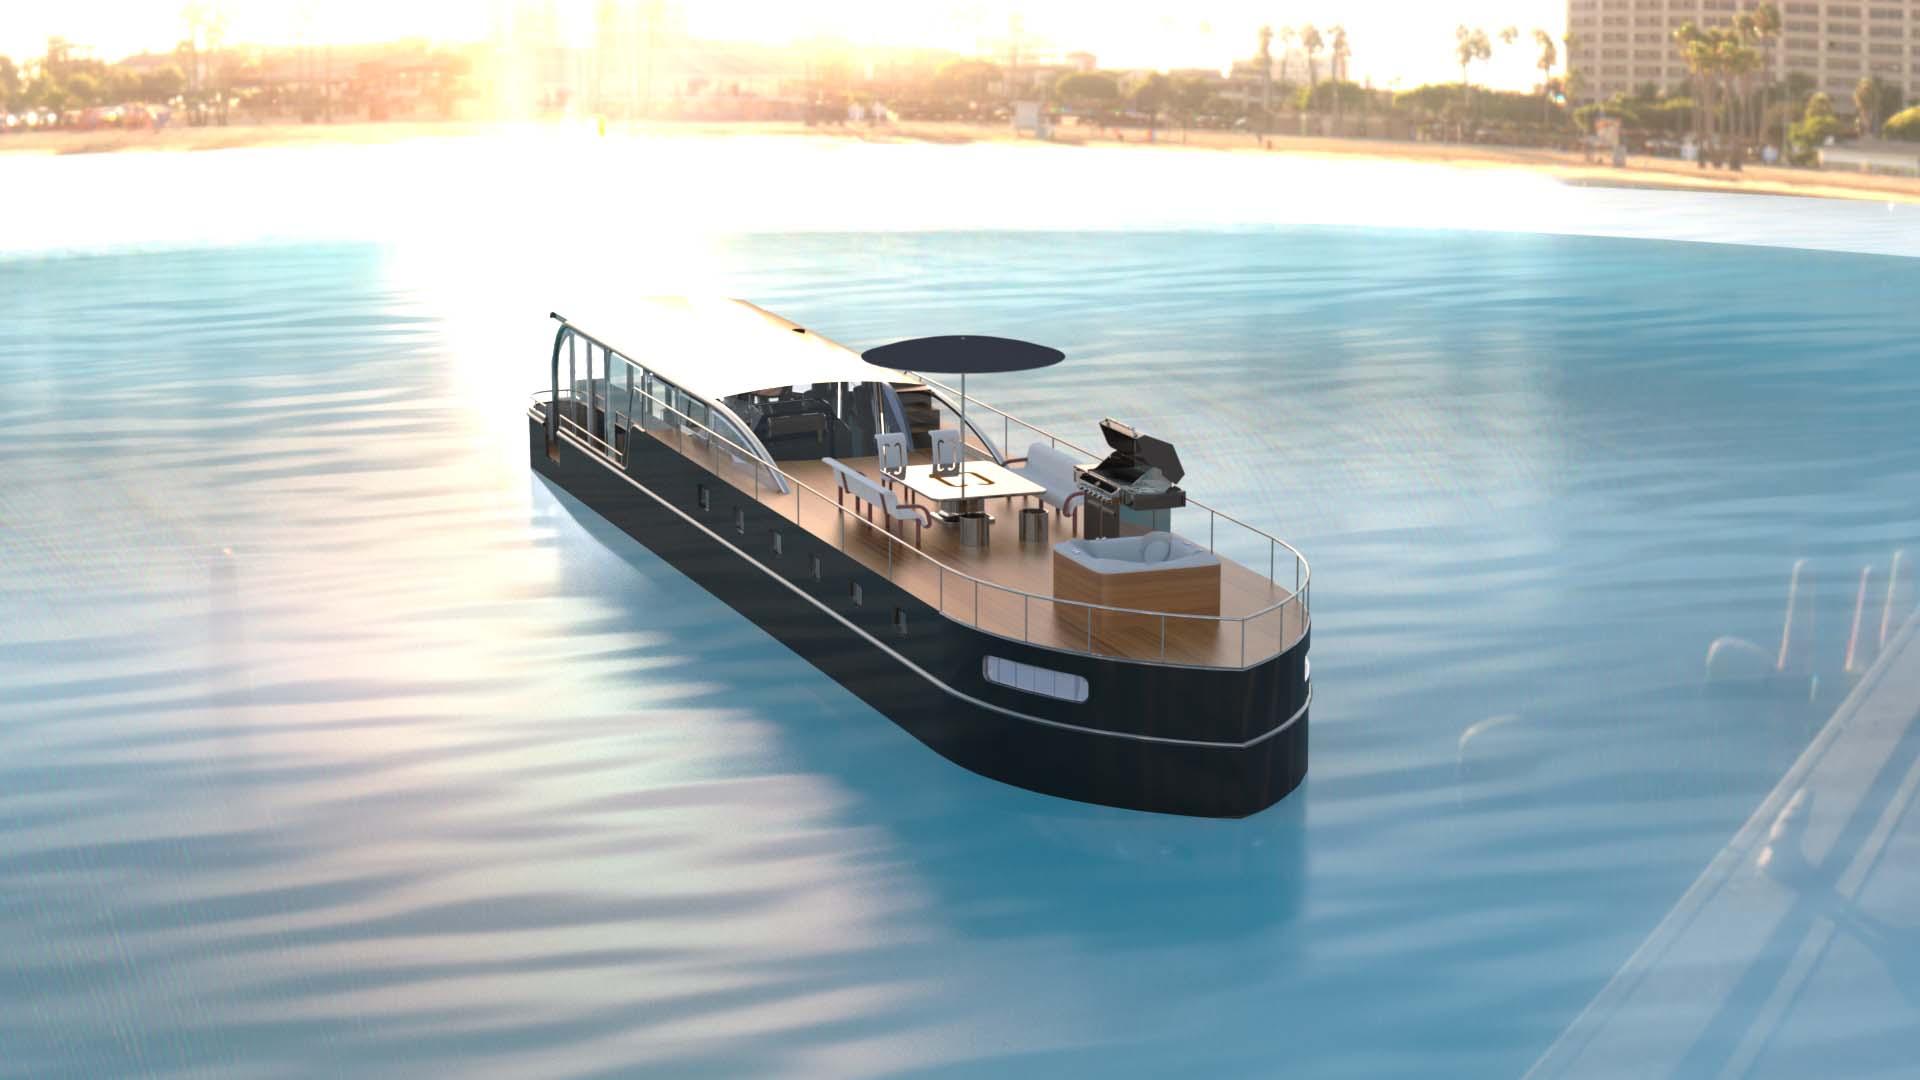 Super-barge-river-boat